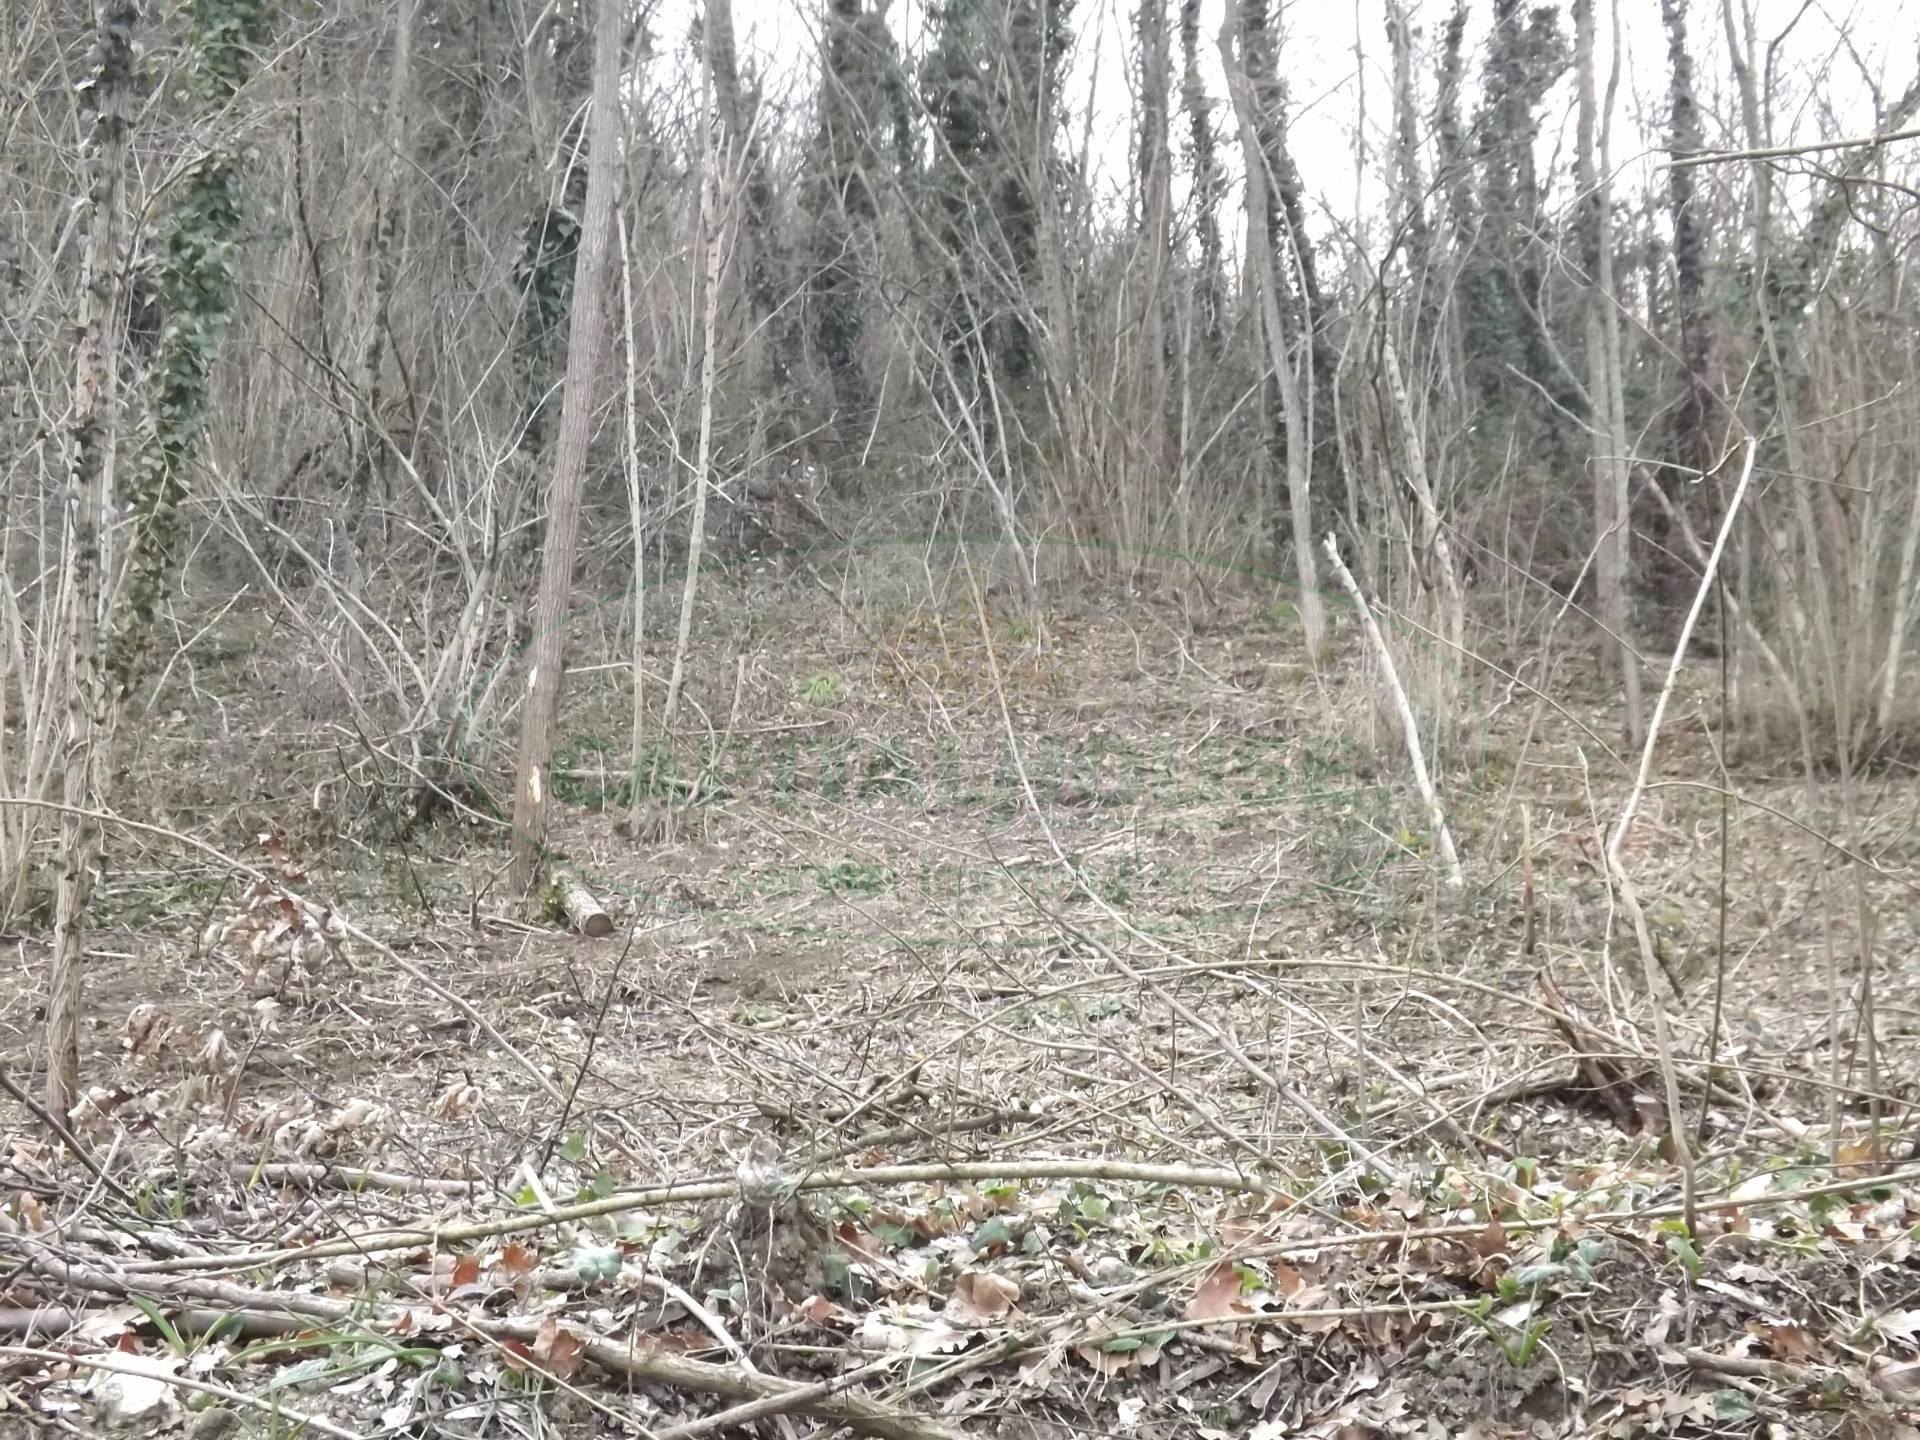 Terreno Agricolo in vendita a Prata di Principato Ultra, 9999 locali, prezzo € 3.000 | CambioCasa.it